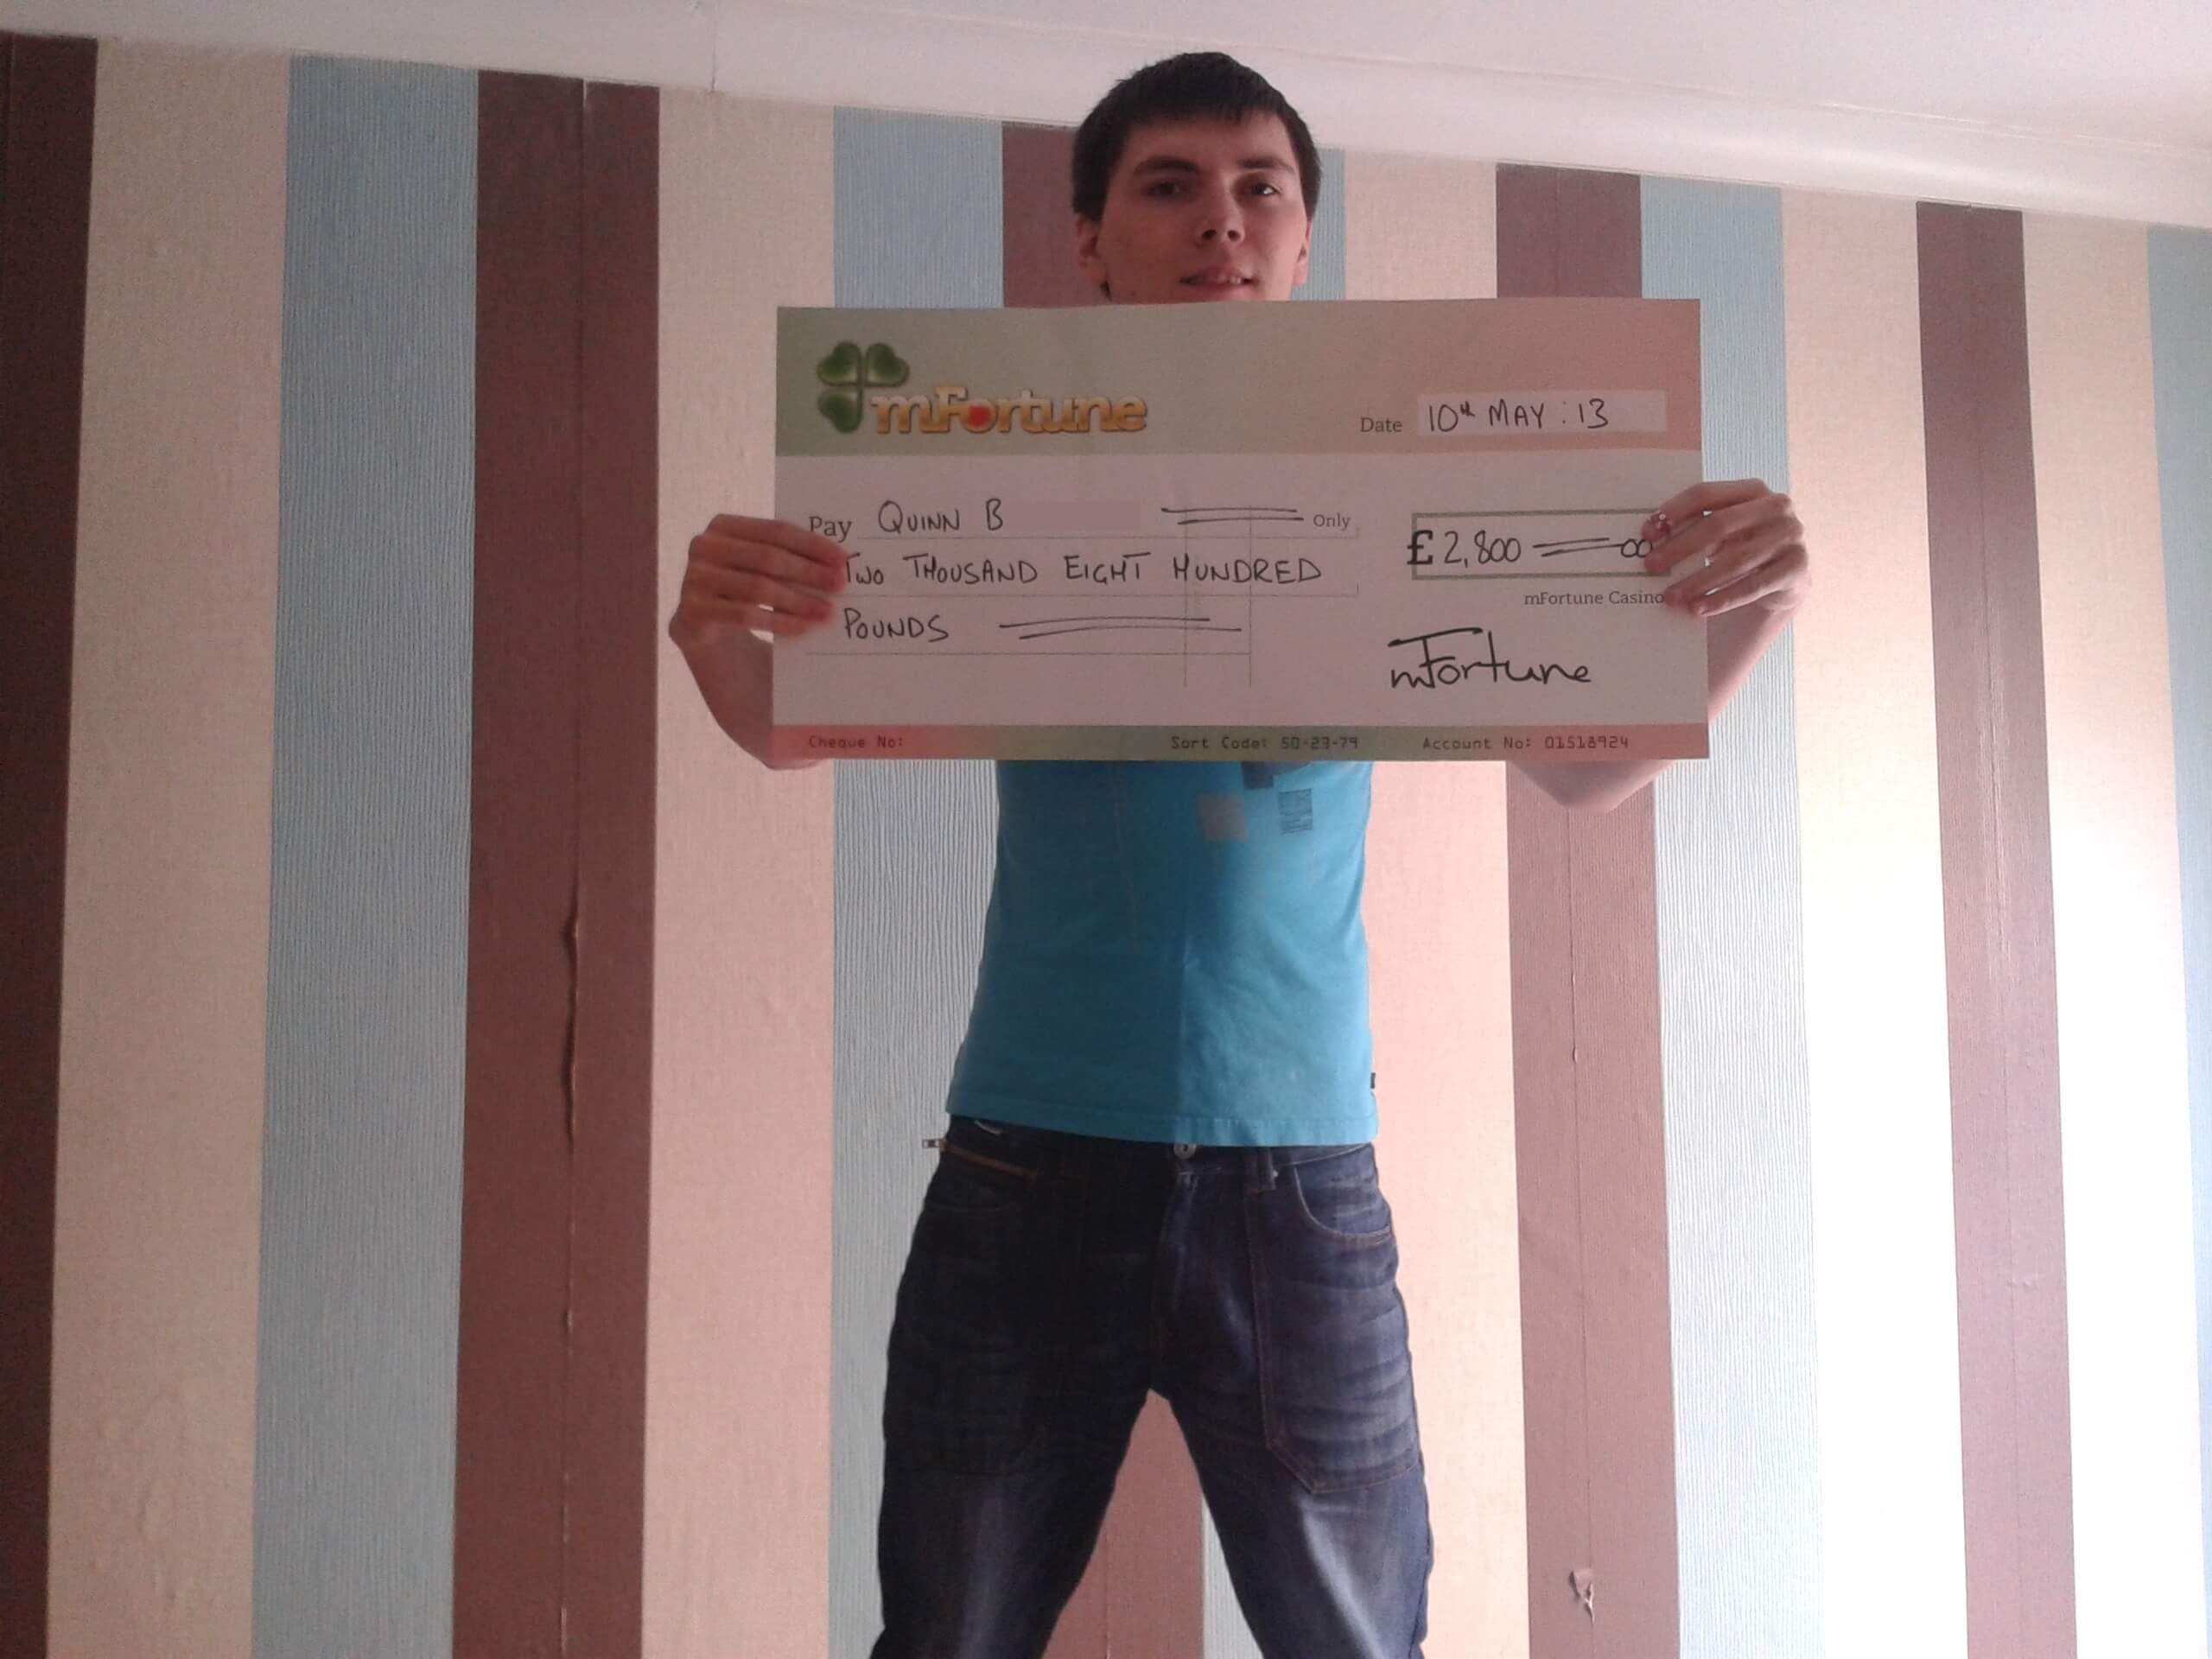 Quinn B won £ 2,800